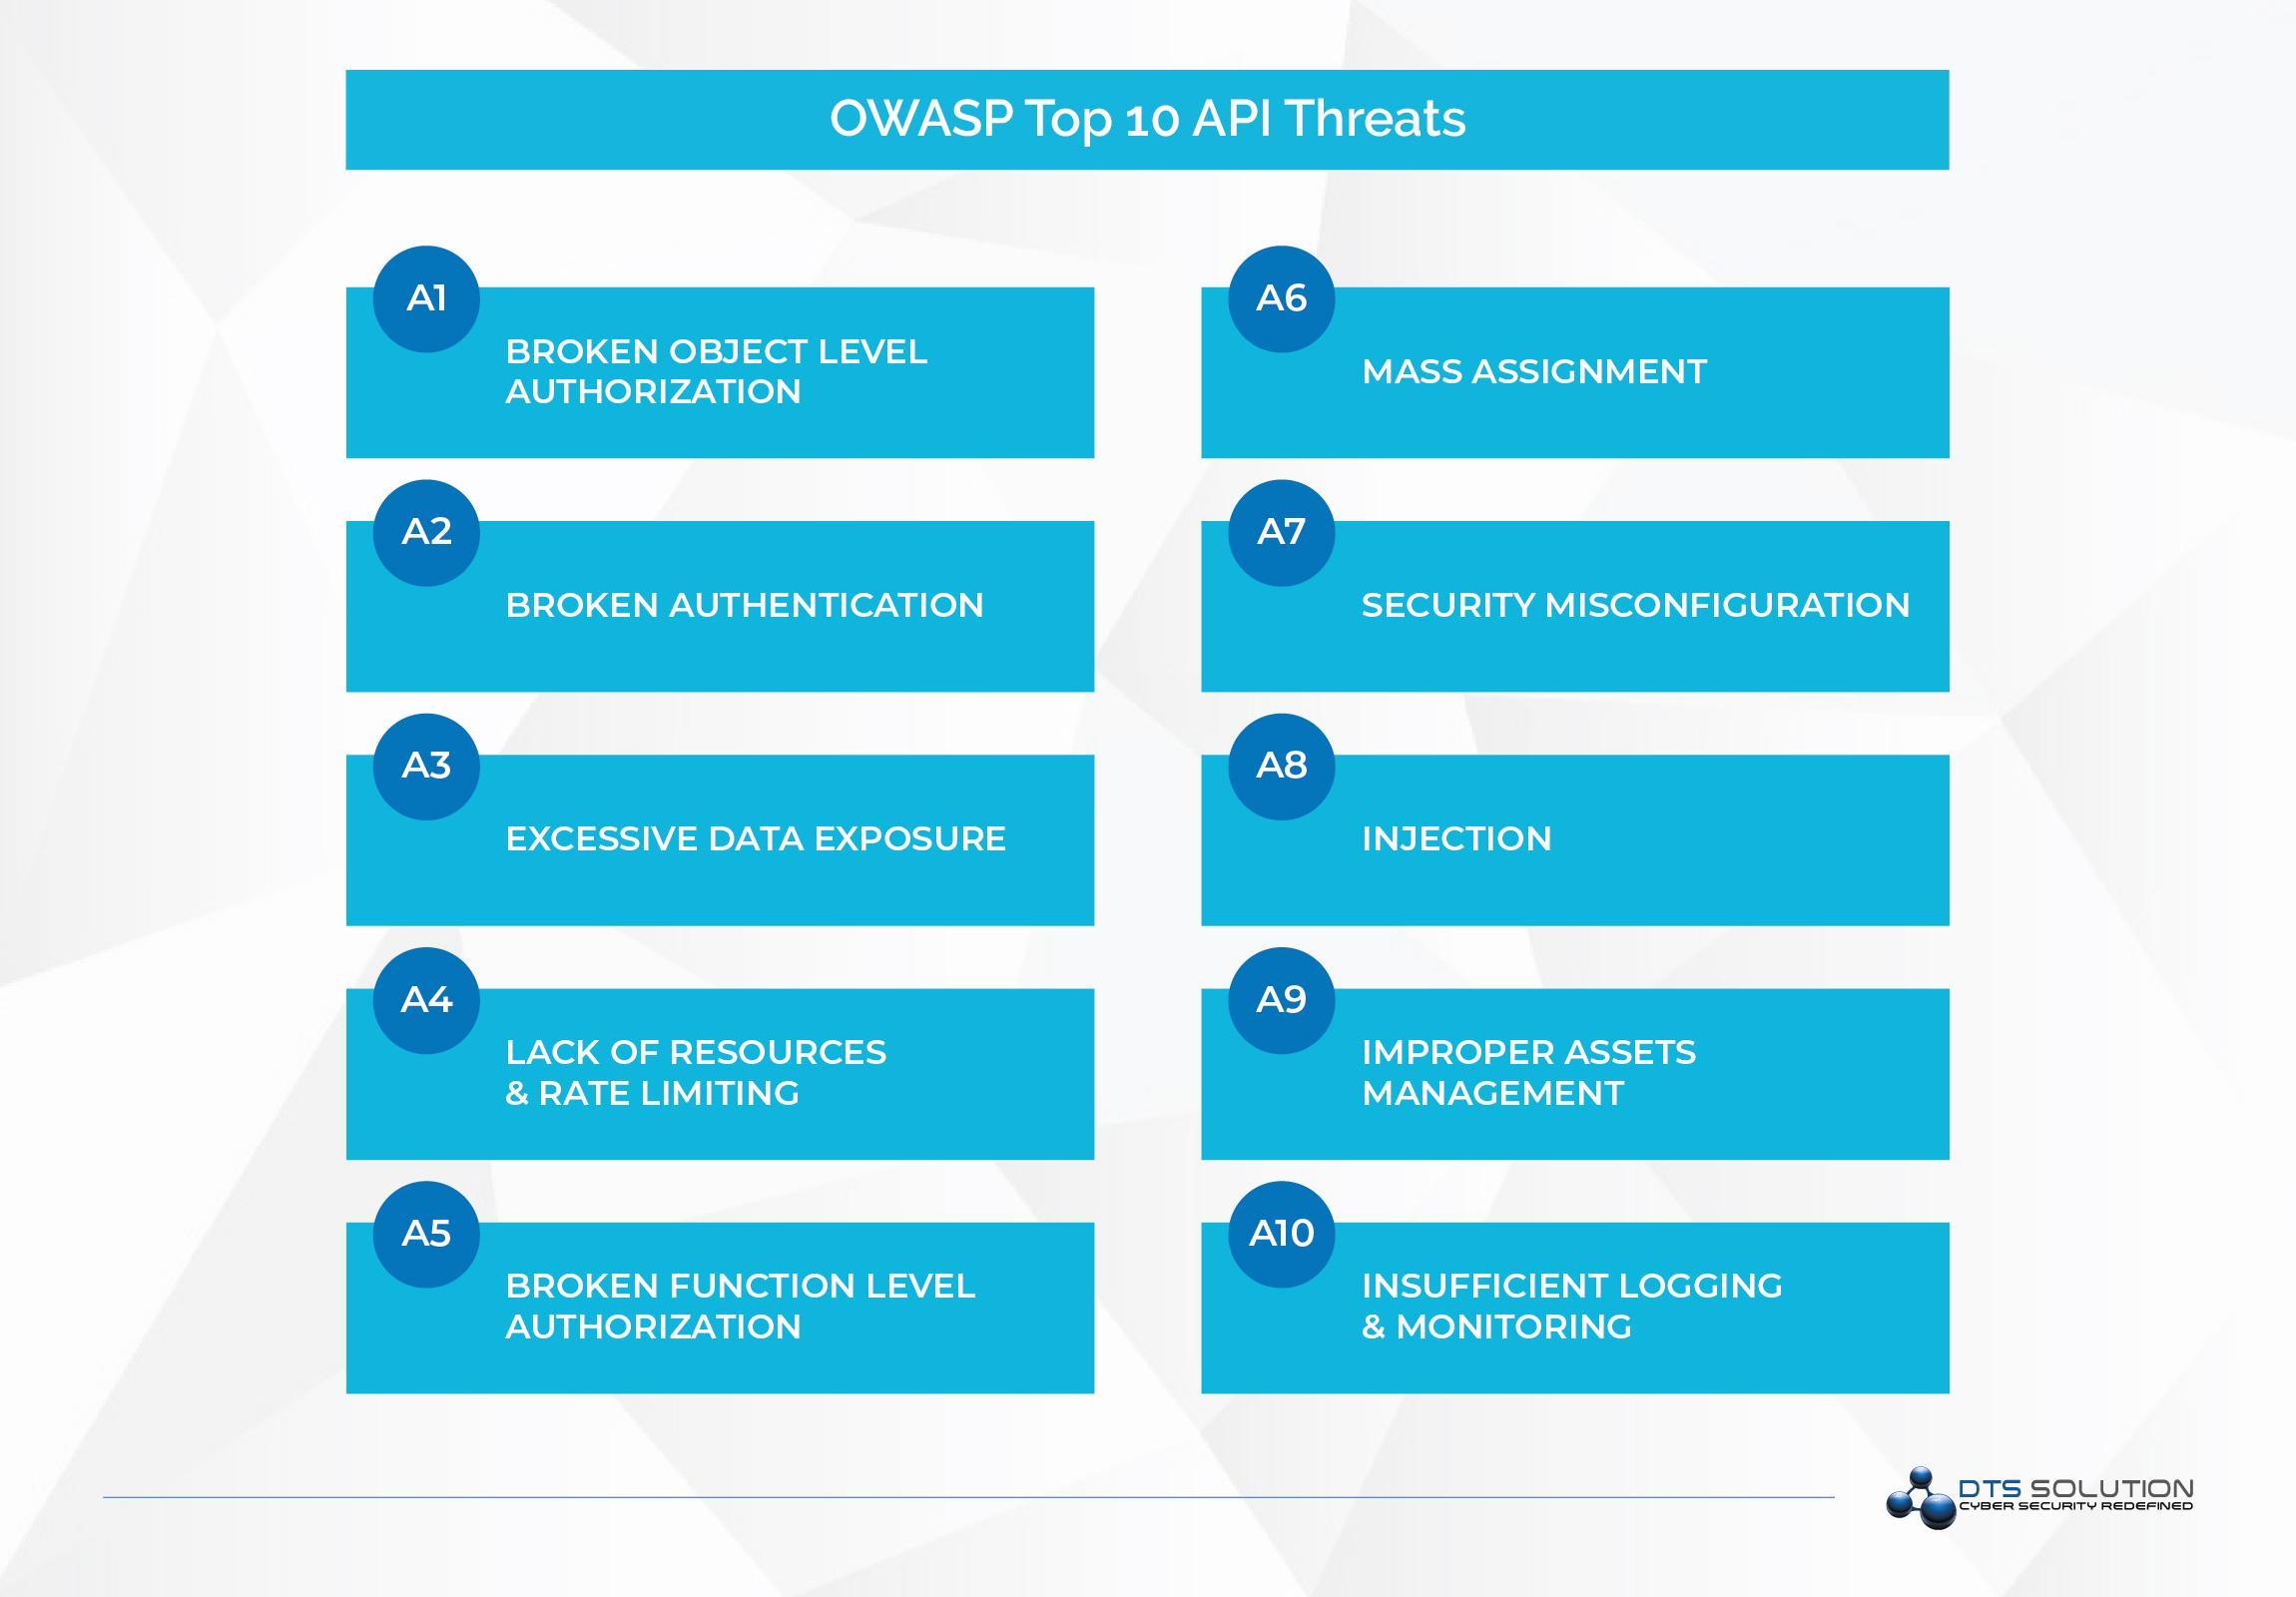 OWASP Top 10 API Security Threats